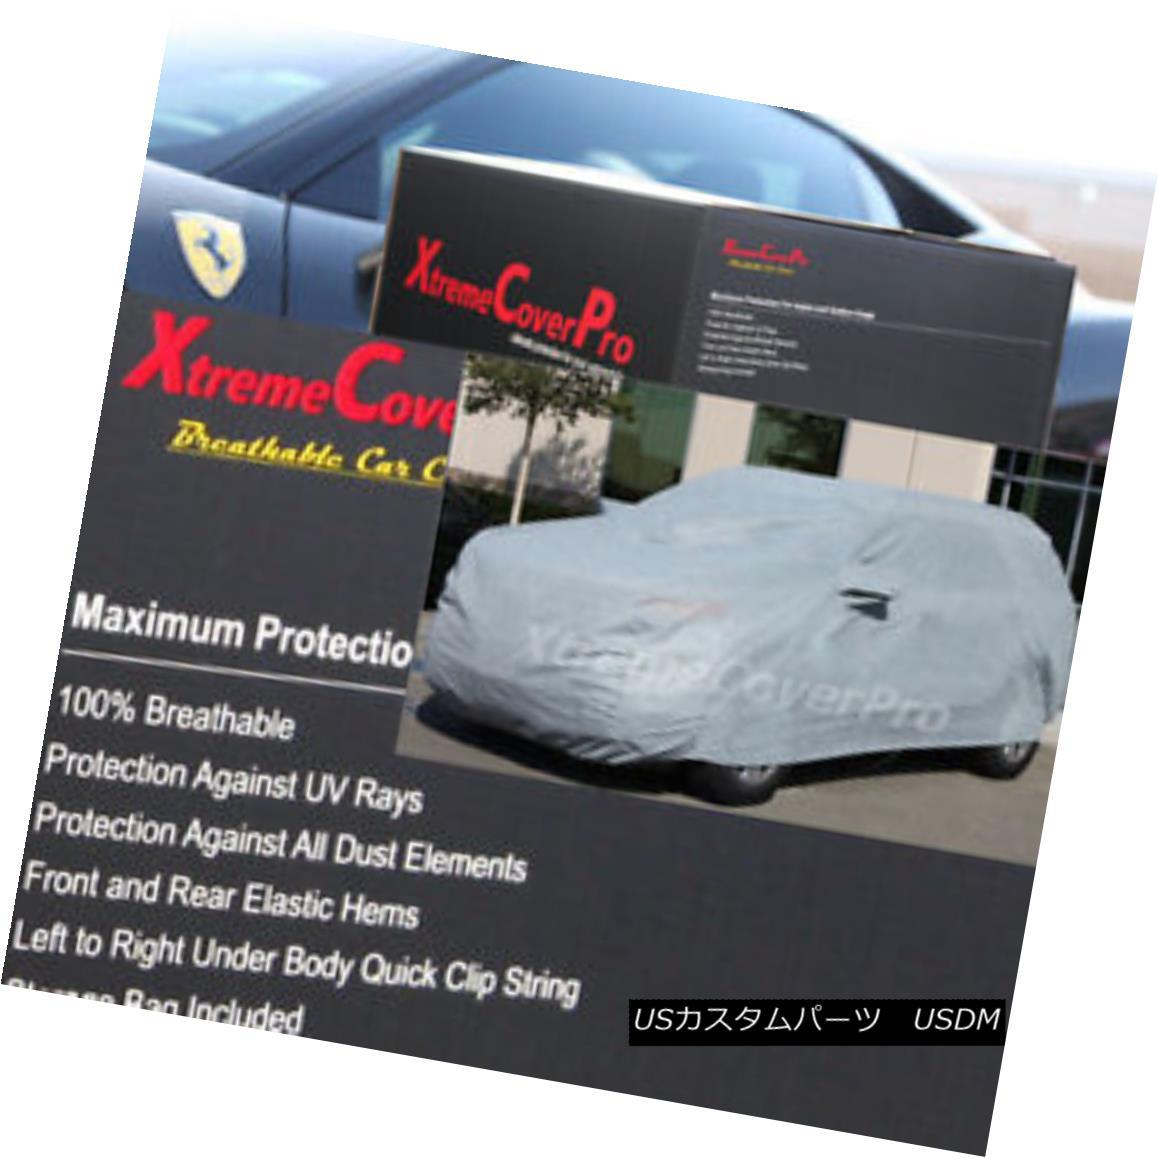 カーカバー 2015 Volkswagen Touareg Breathable Car Cover w/Mirror Pockets - Gray 2015年フォルクスワーゲントゥアレグ通気性車カバー(ミラーポケット付) - グレー